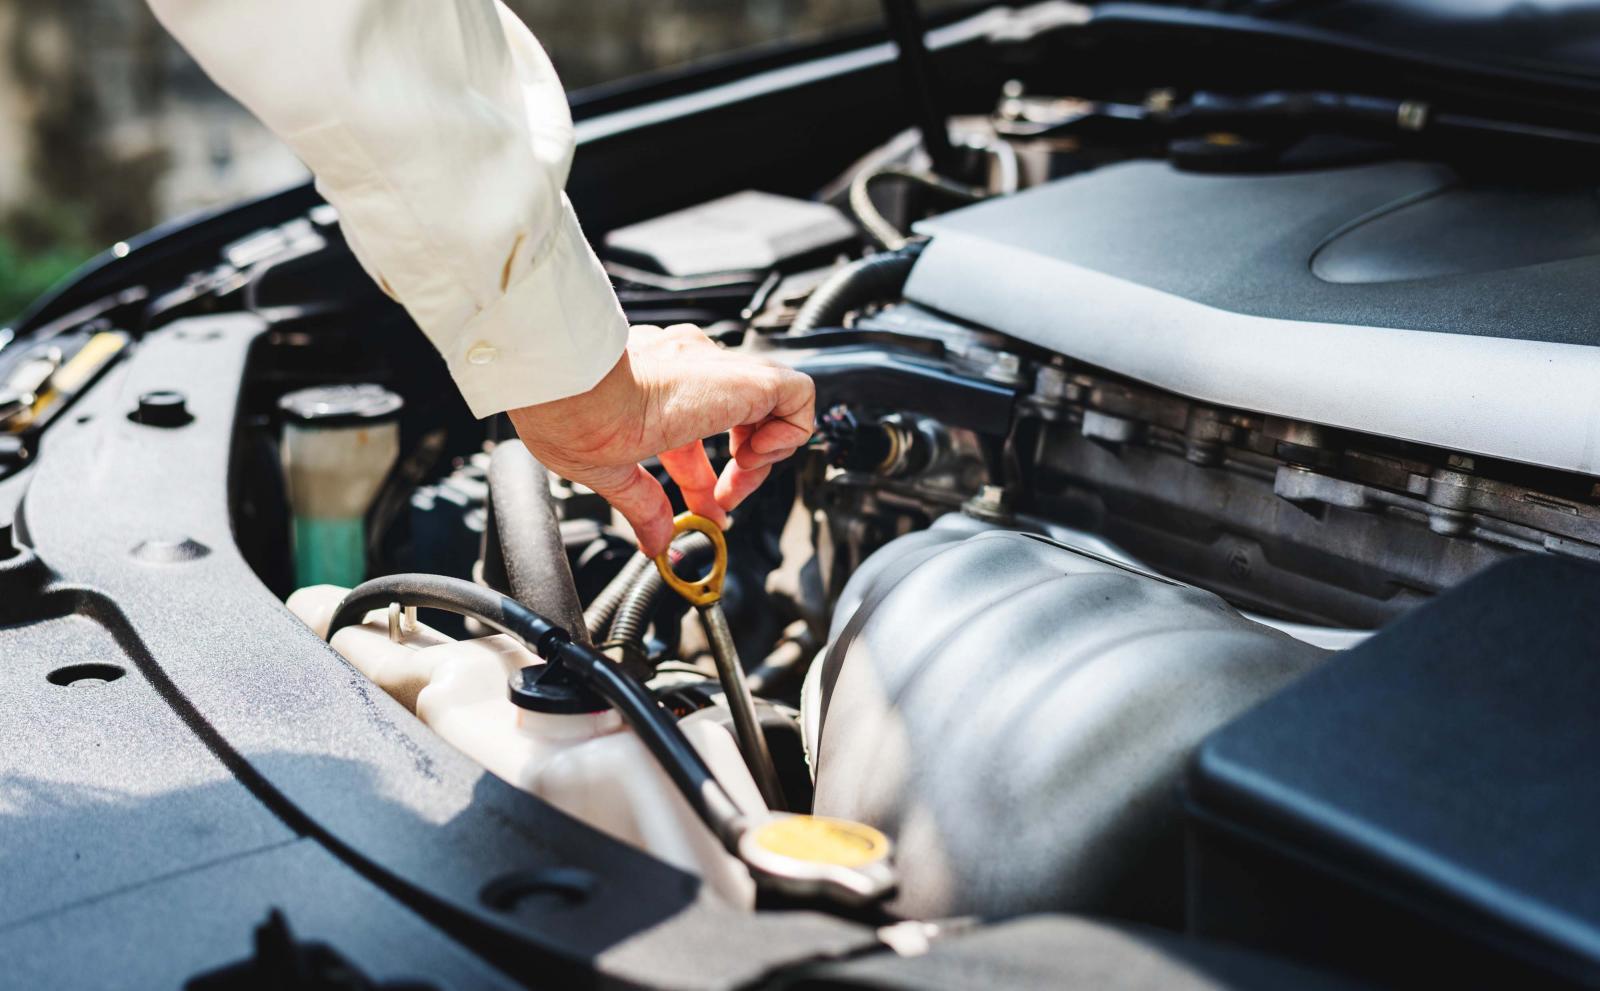 El mantenimiento ayuda a incrementar la vida útil de los autos